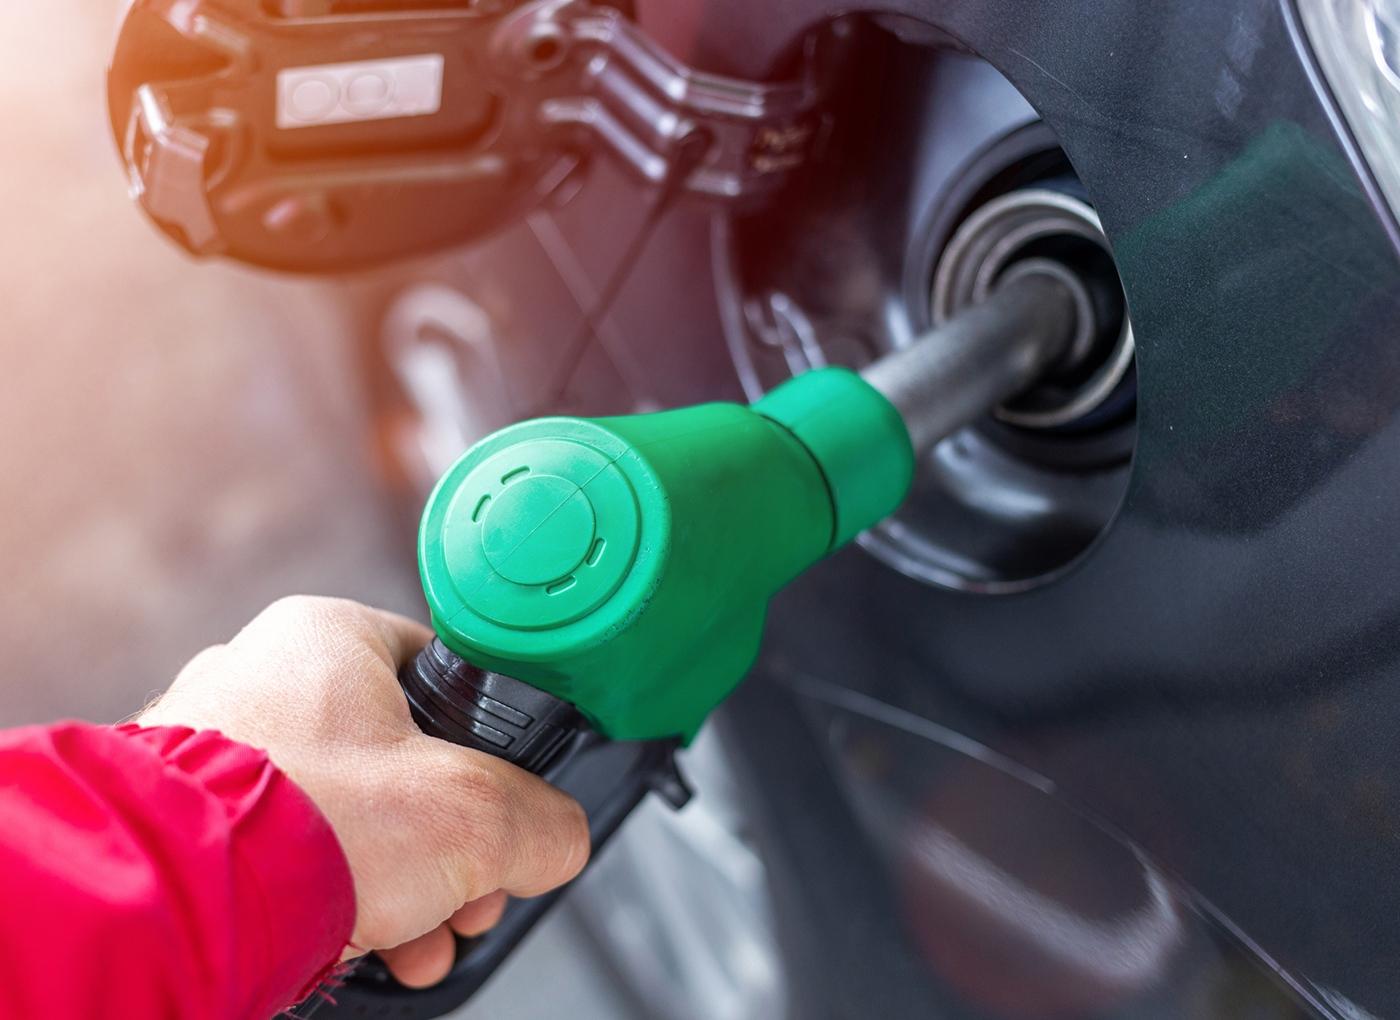 Sabe quanto paga de impostos em cada 10 litros de gasolina